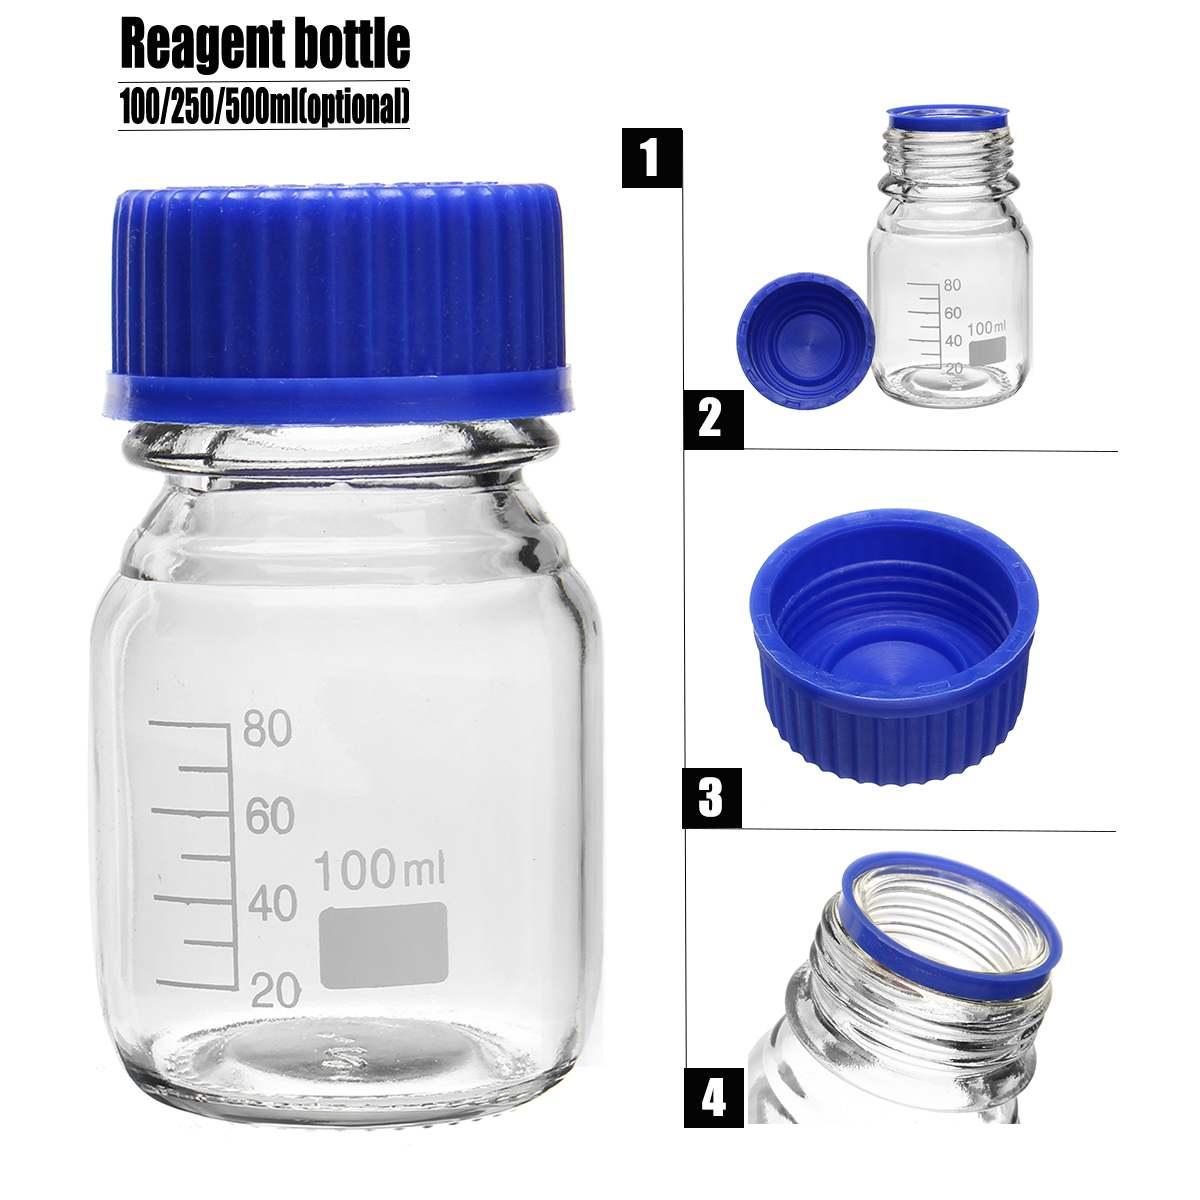 Botella de reactivo de vidrio 4 Uds con tapa de rosca azul 100 ml, frascos de muestra de graduación, tapa de plástico, suministros escolares, equipos de laboratorio